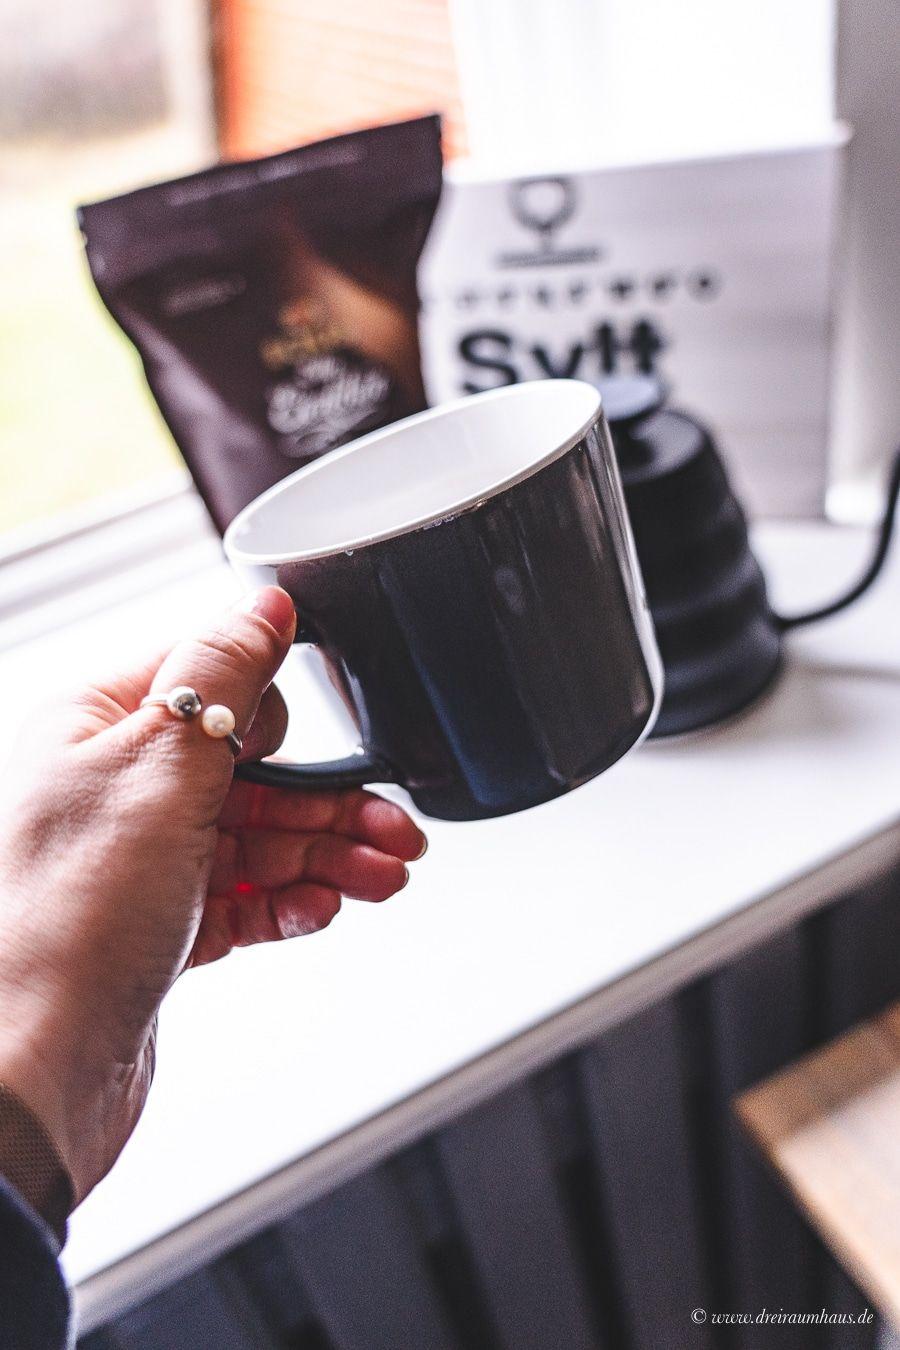 """Funktionieren Frauen miteinander wirklich oder machen wir uns nur was vor? Frühstücksmomente mit Eierlikör und Kaffee! Sylt, ein bisschen Syltglück und ein Frühstück mit""""ECKES"""" Edler Eierlikör Kaffee Cafe Creme!"""